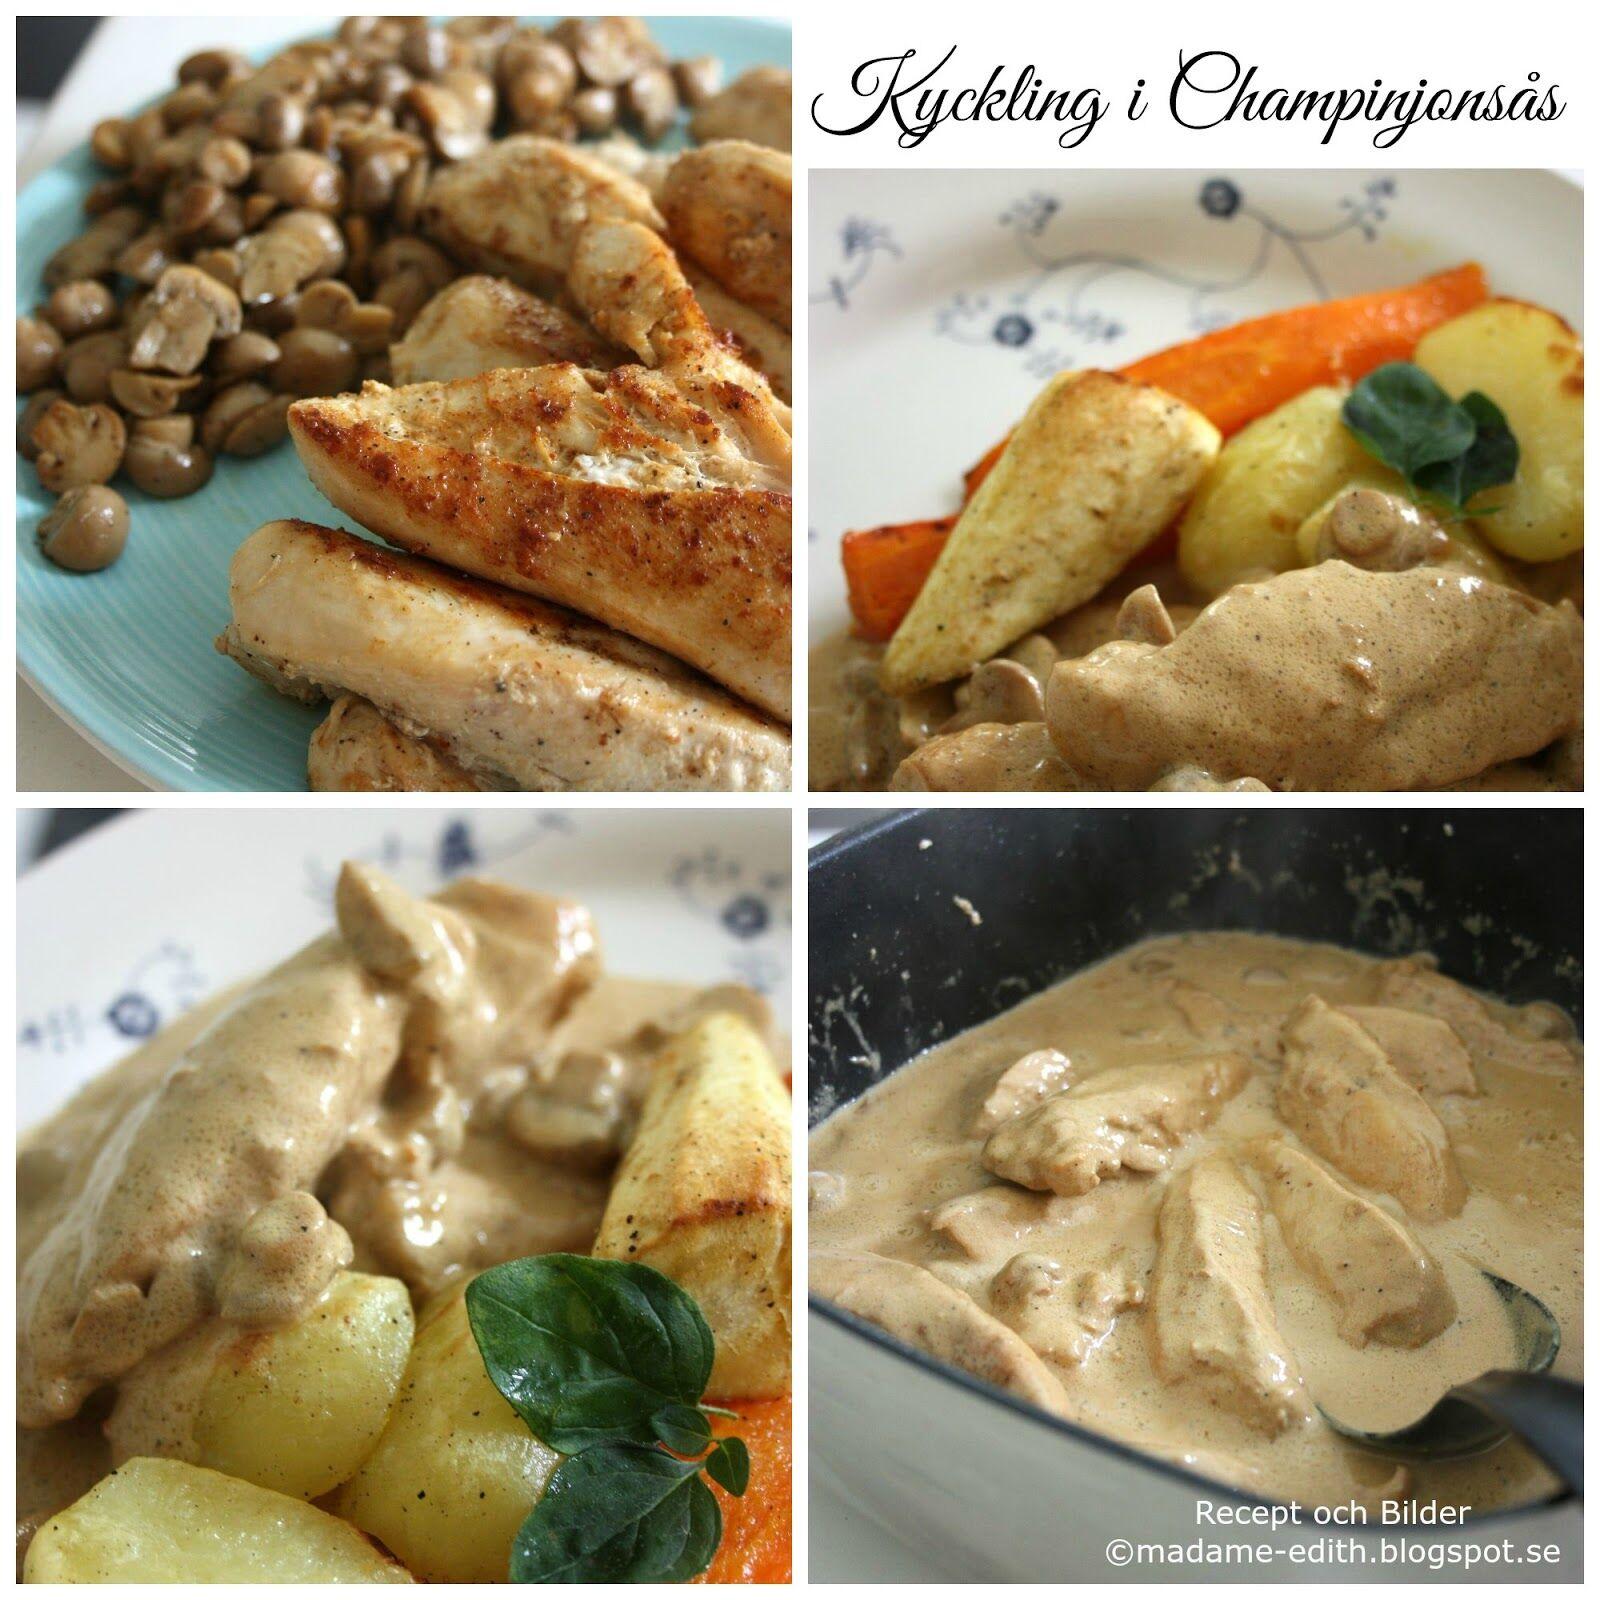 kyckling champinjonsås (1)